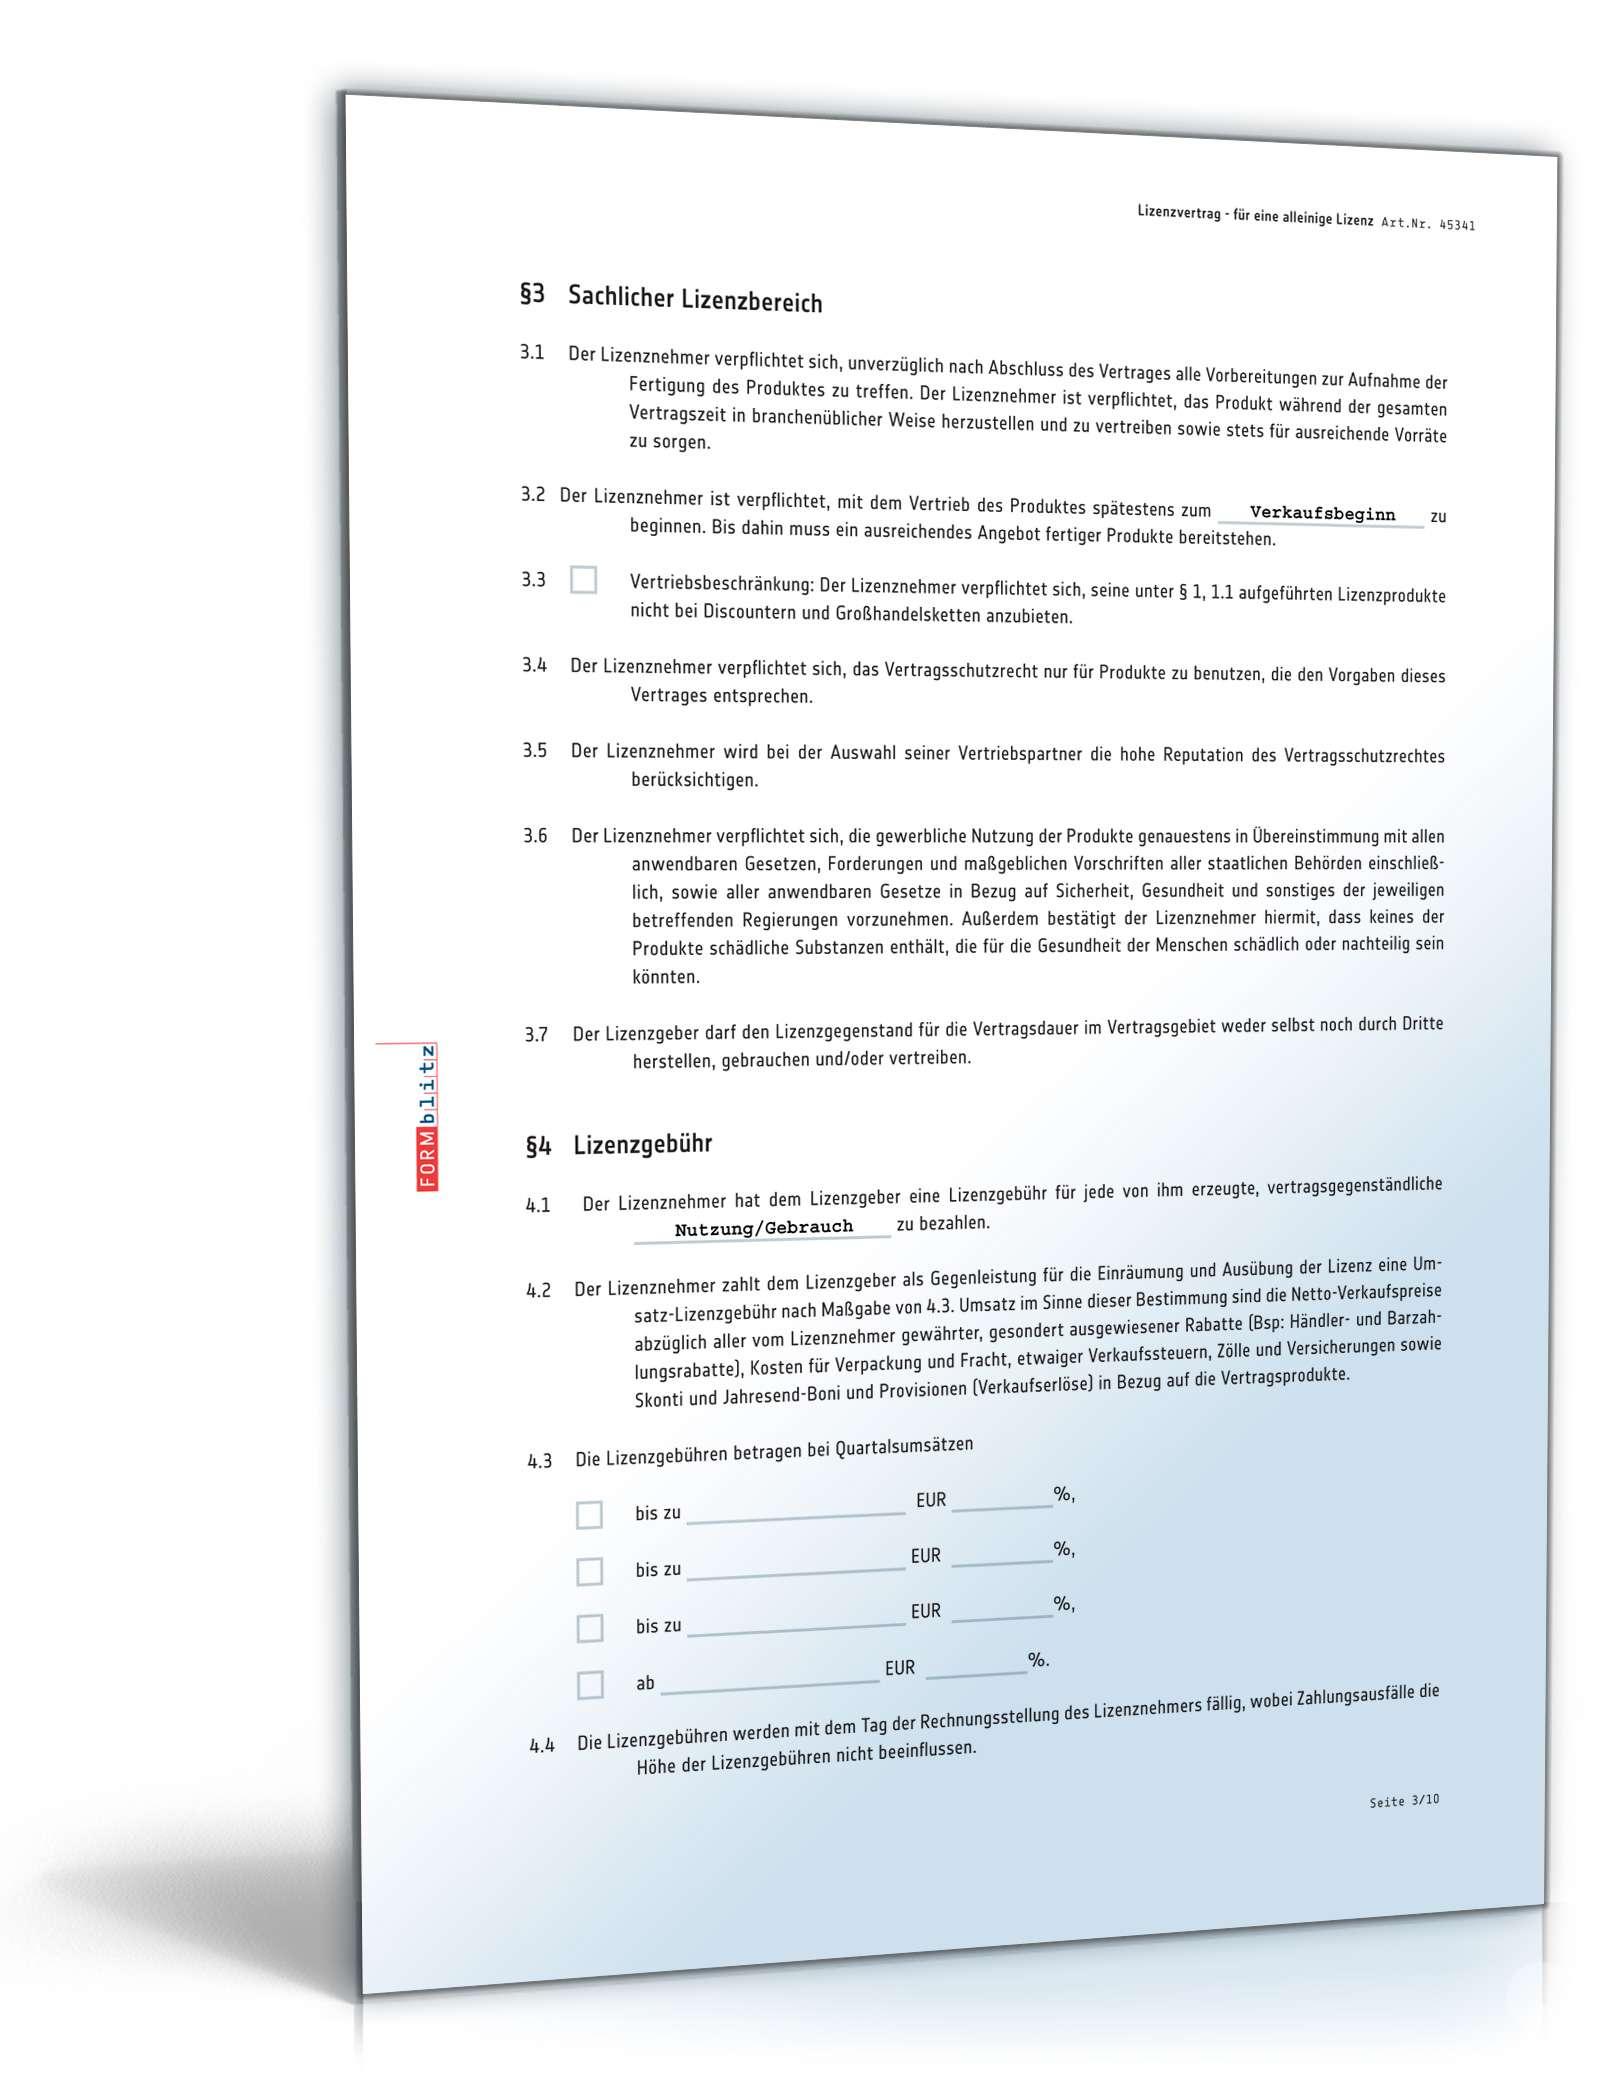 pdf seite 3 - Lizenzvertrag Muster